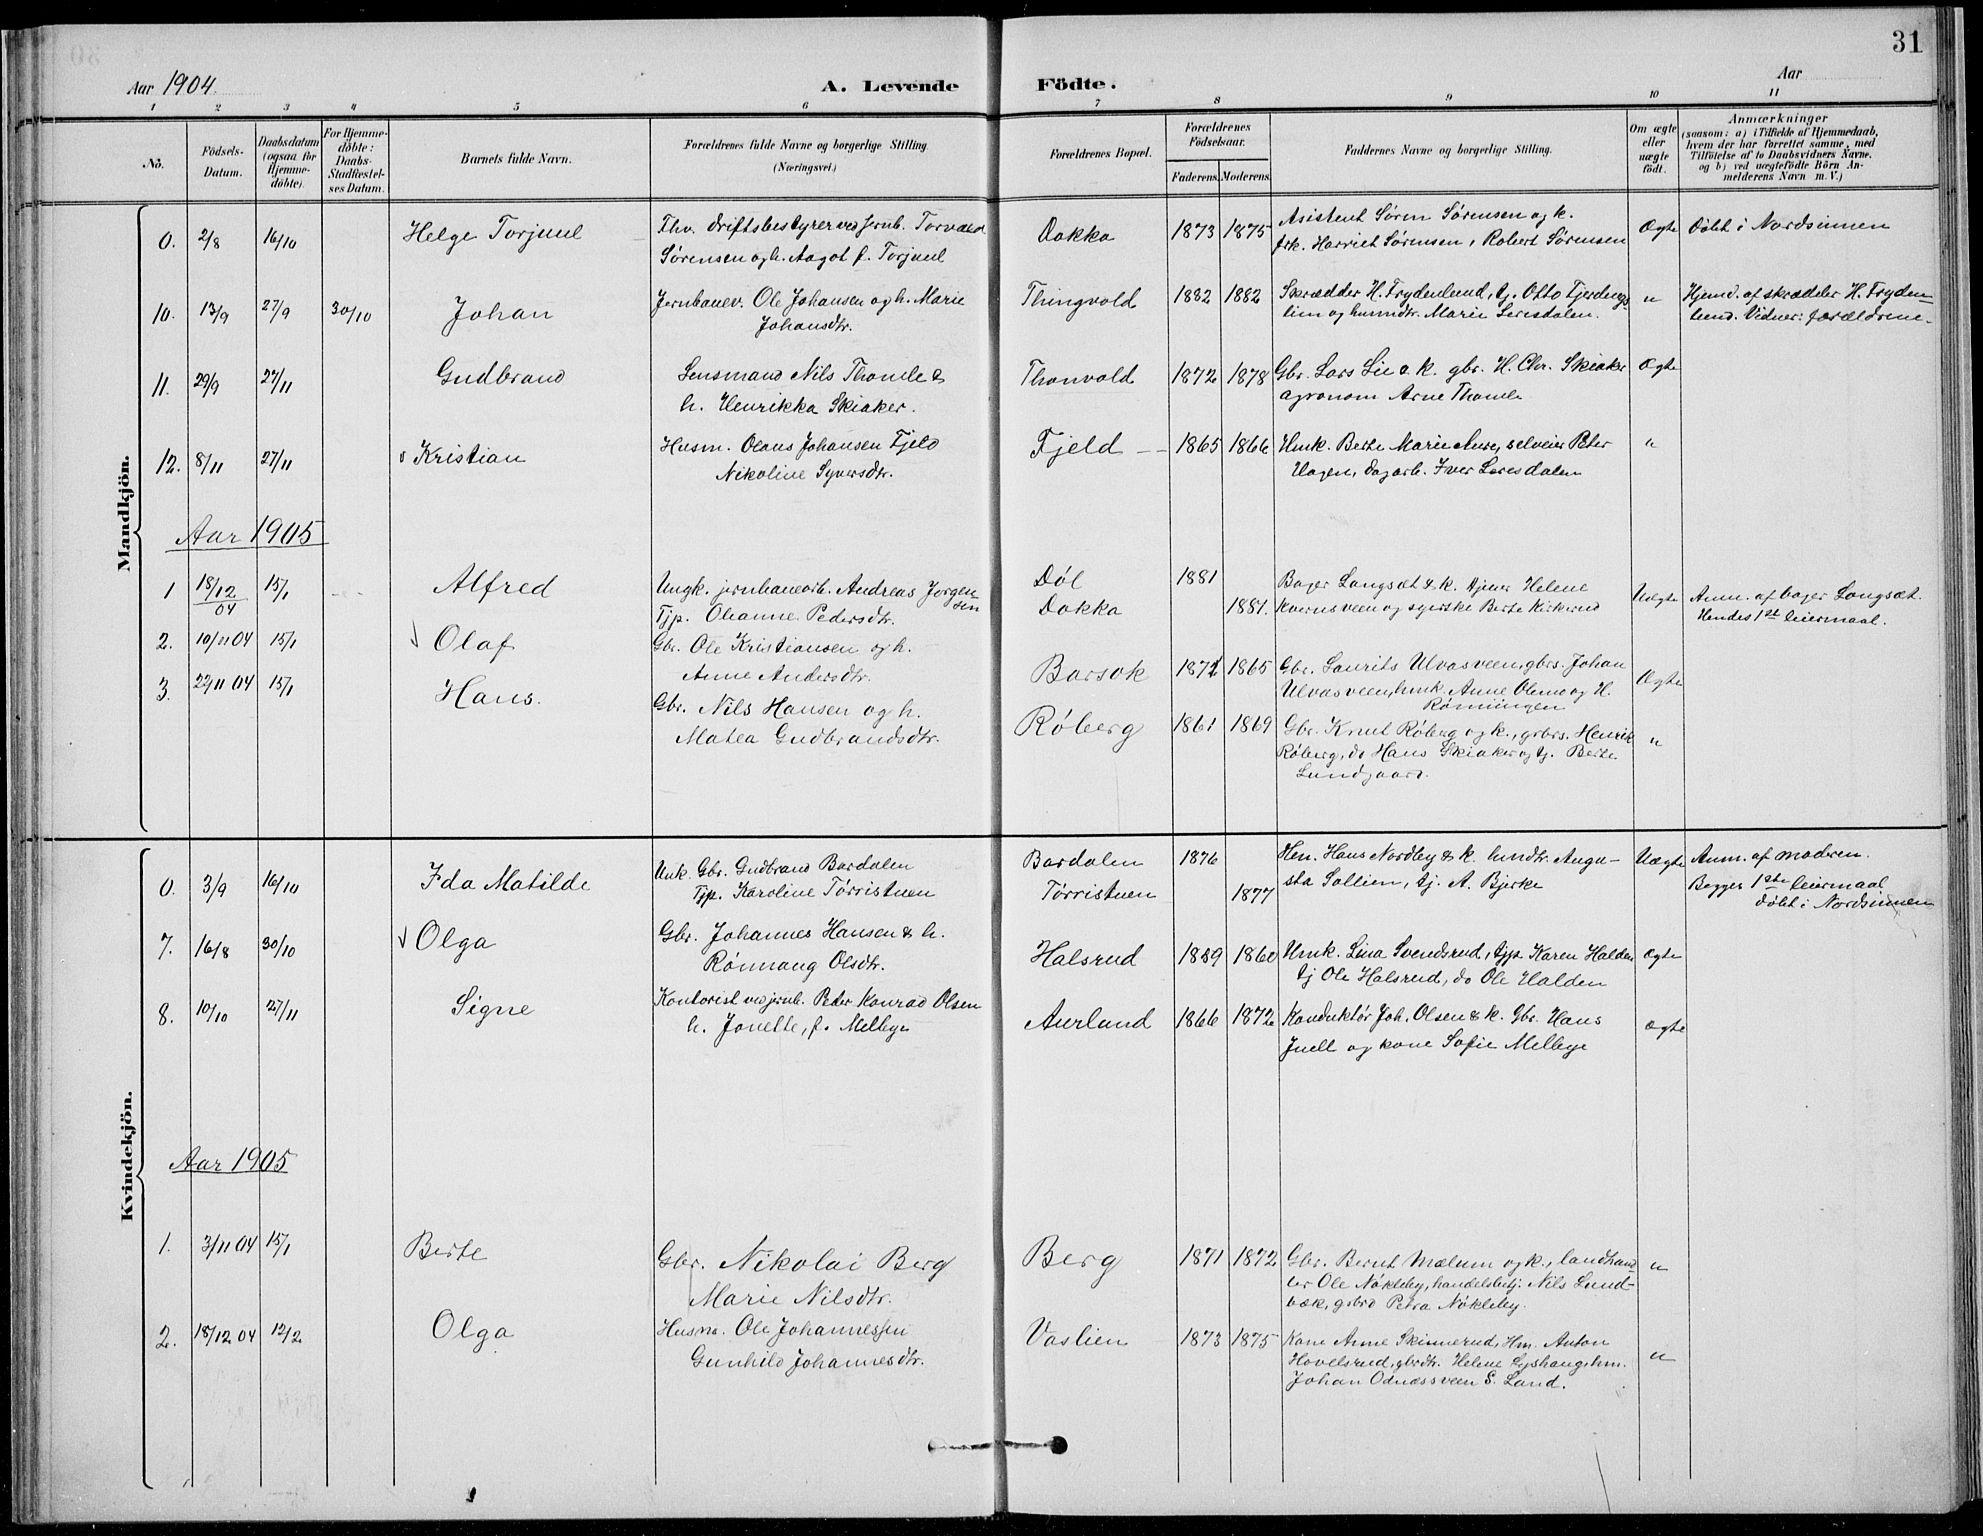 SAH, Nordre Land prestekontor, Klokkerbok nr. 14, 1891-1907, s. 31